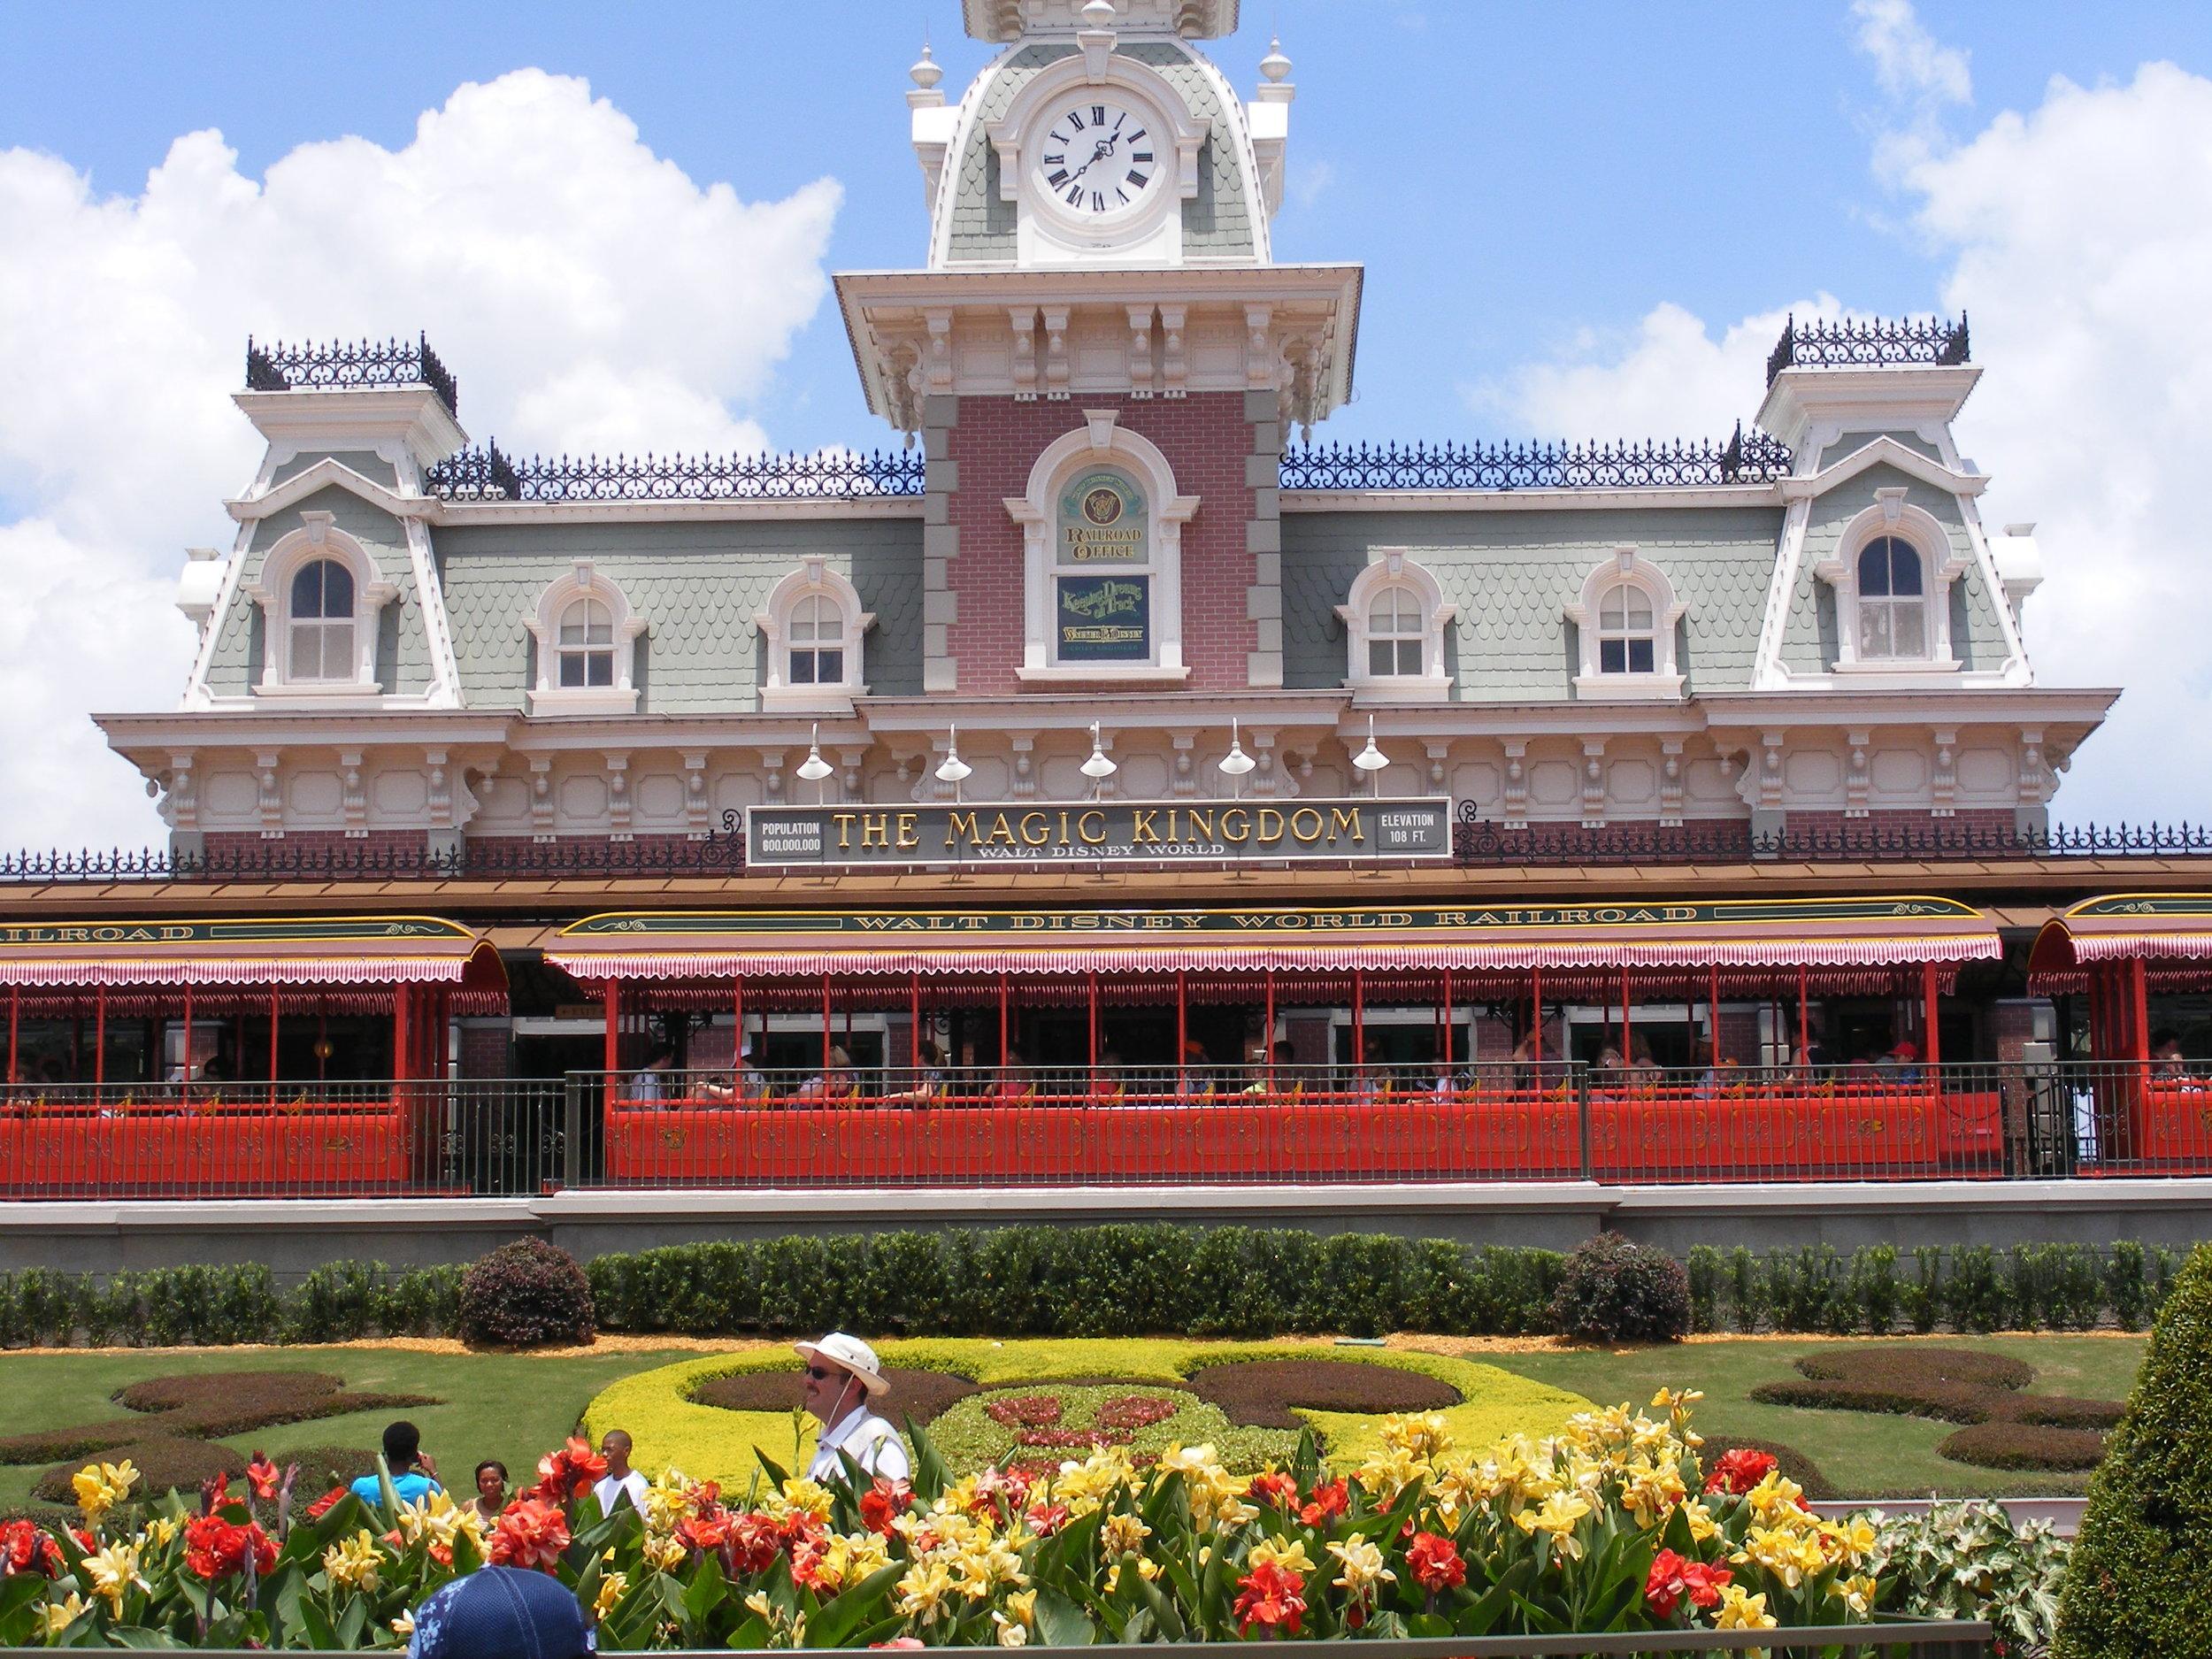 Walt Disney World Railroad, Magic Kingdom